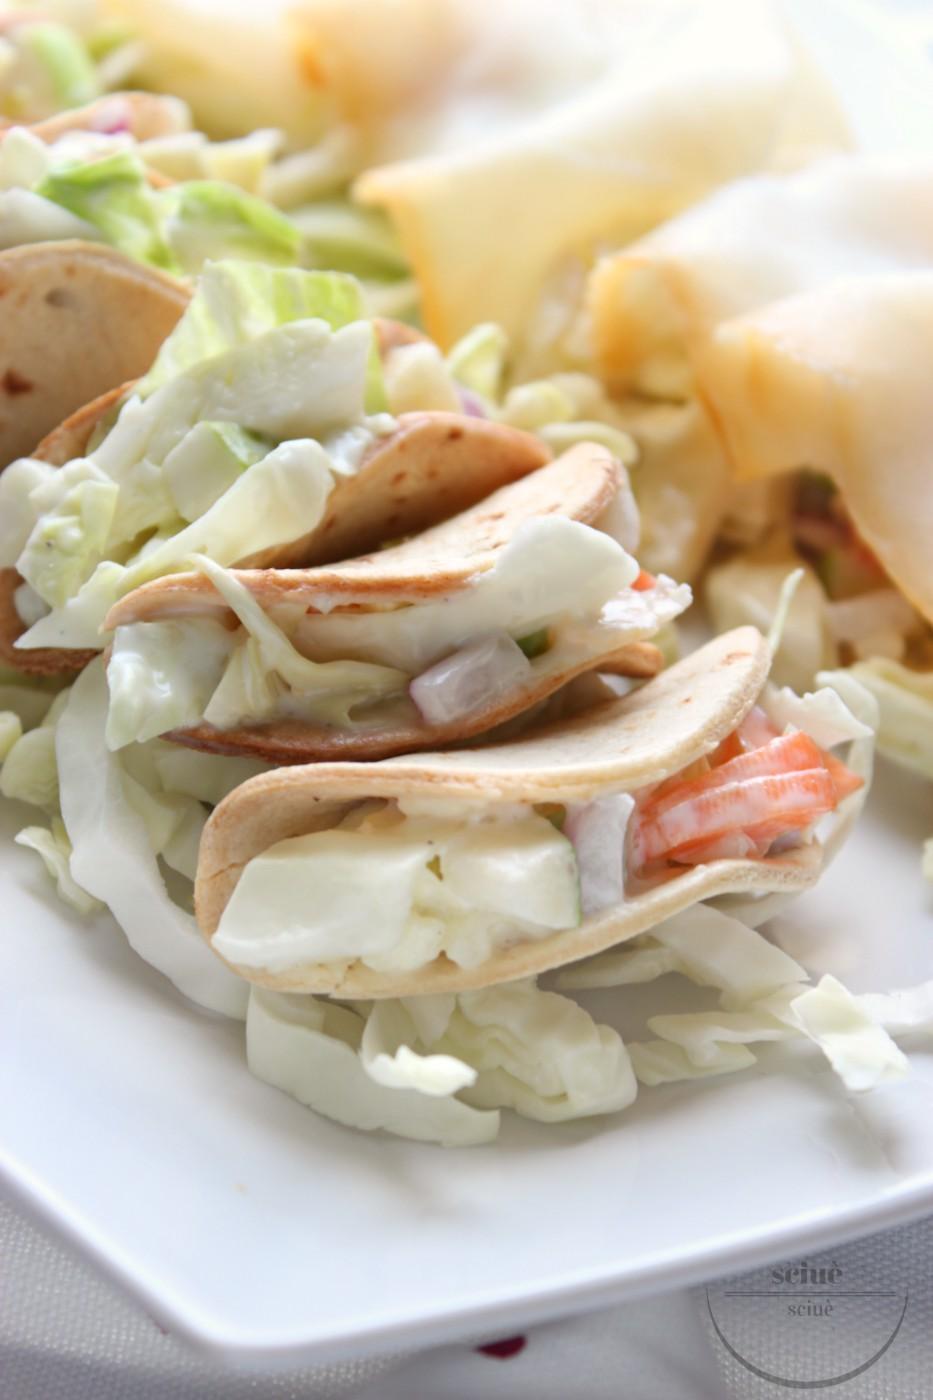 tacos con coleslaw